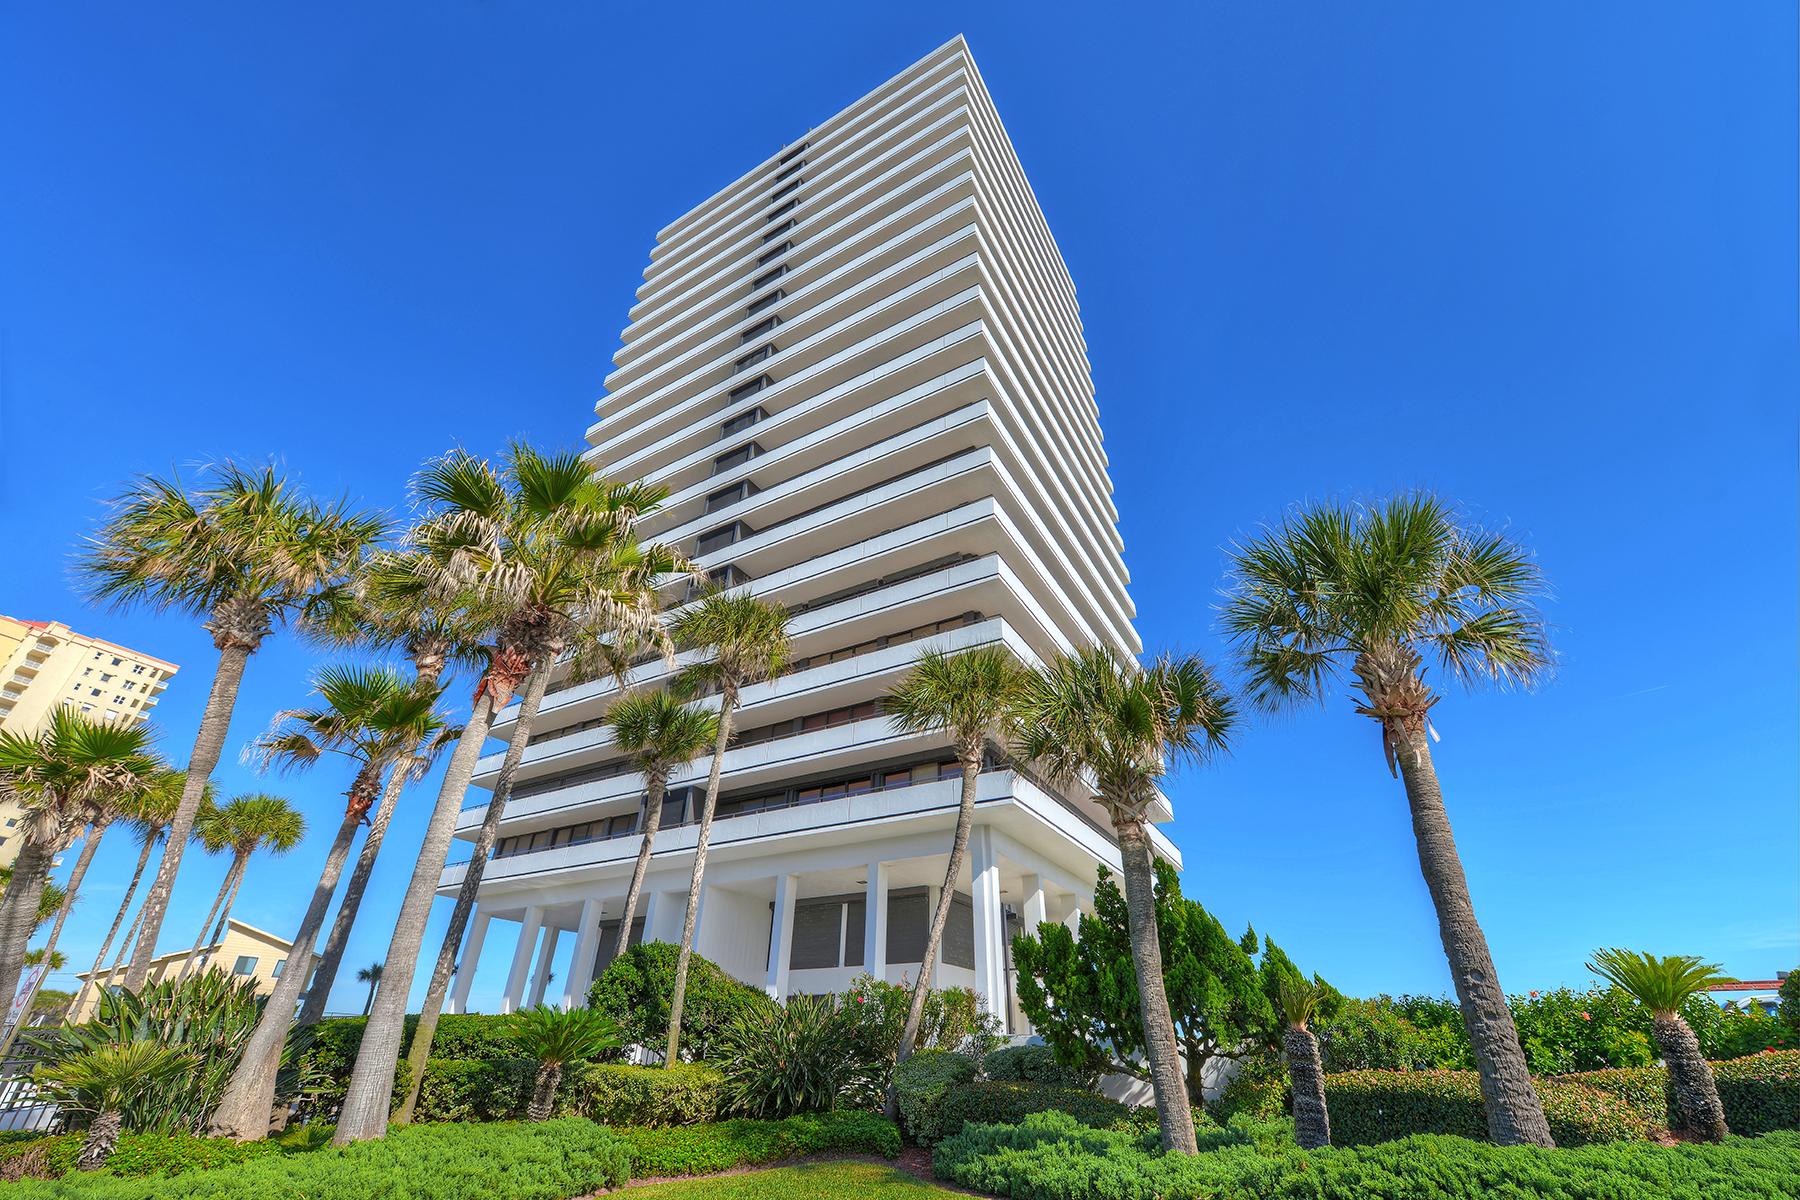 Kat Mülkiyeti için Satış at 2200 N Atlantic Ave , 801, Daytona Beach, FL 32118 2200 N Atlantic Ave 801 Daytona Beach, Florida 32118 Amerika Birleşik Devletleri